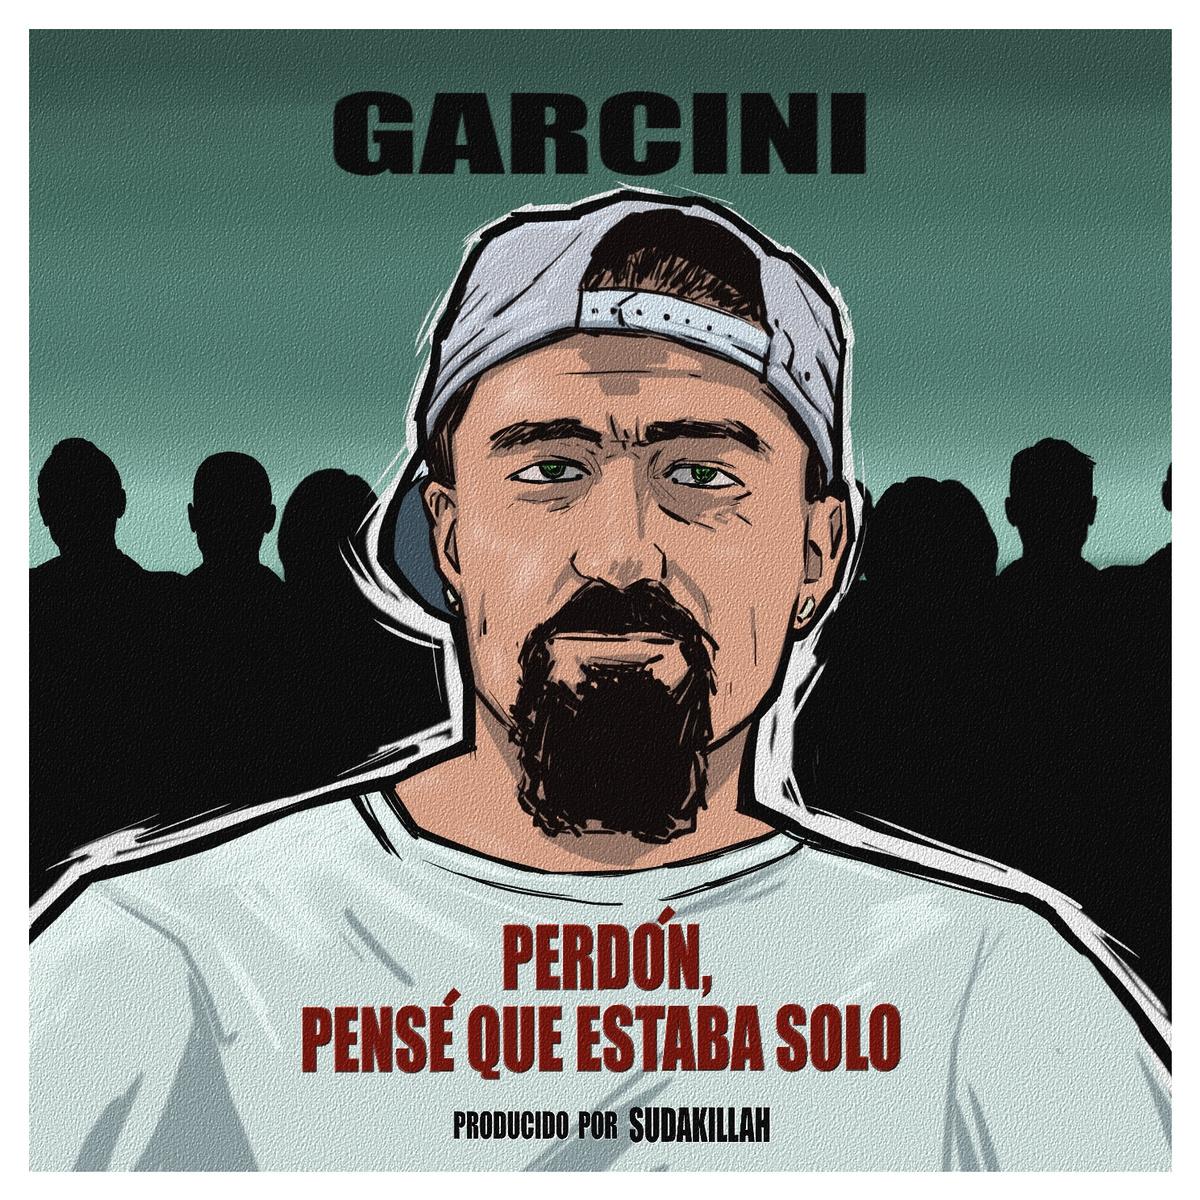 Garcini_-_perd_n__pens__que_estaba_solo